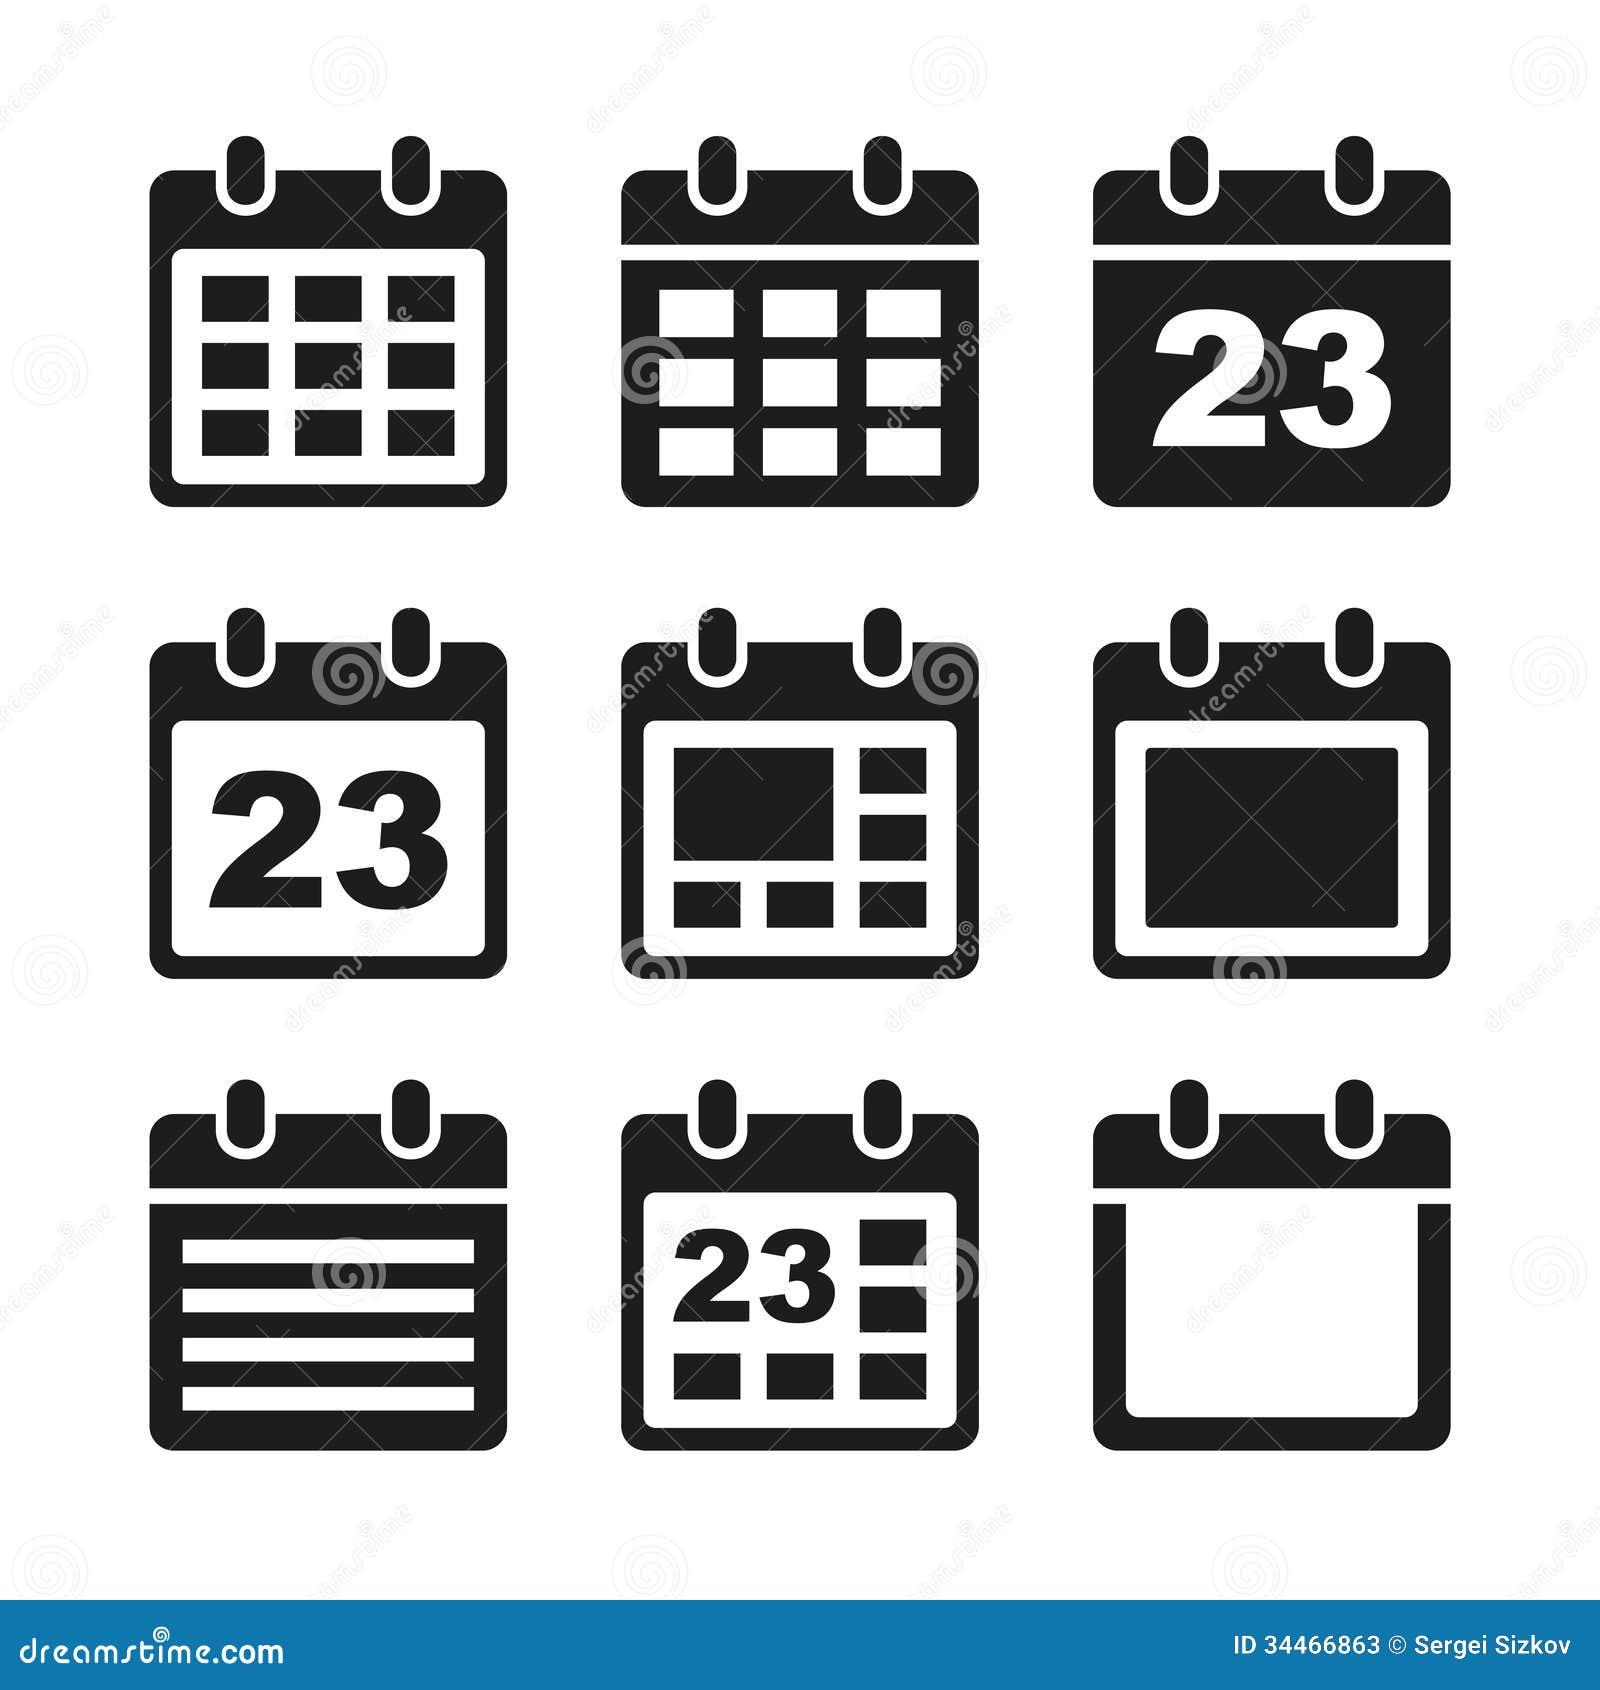 Calendar Day Vector Art : Calendar icons set stock photos image